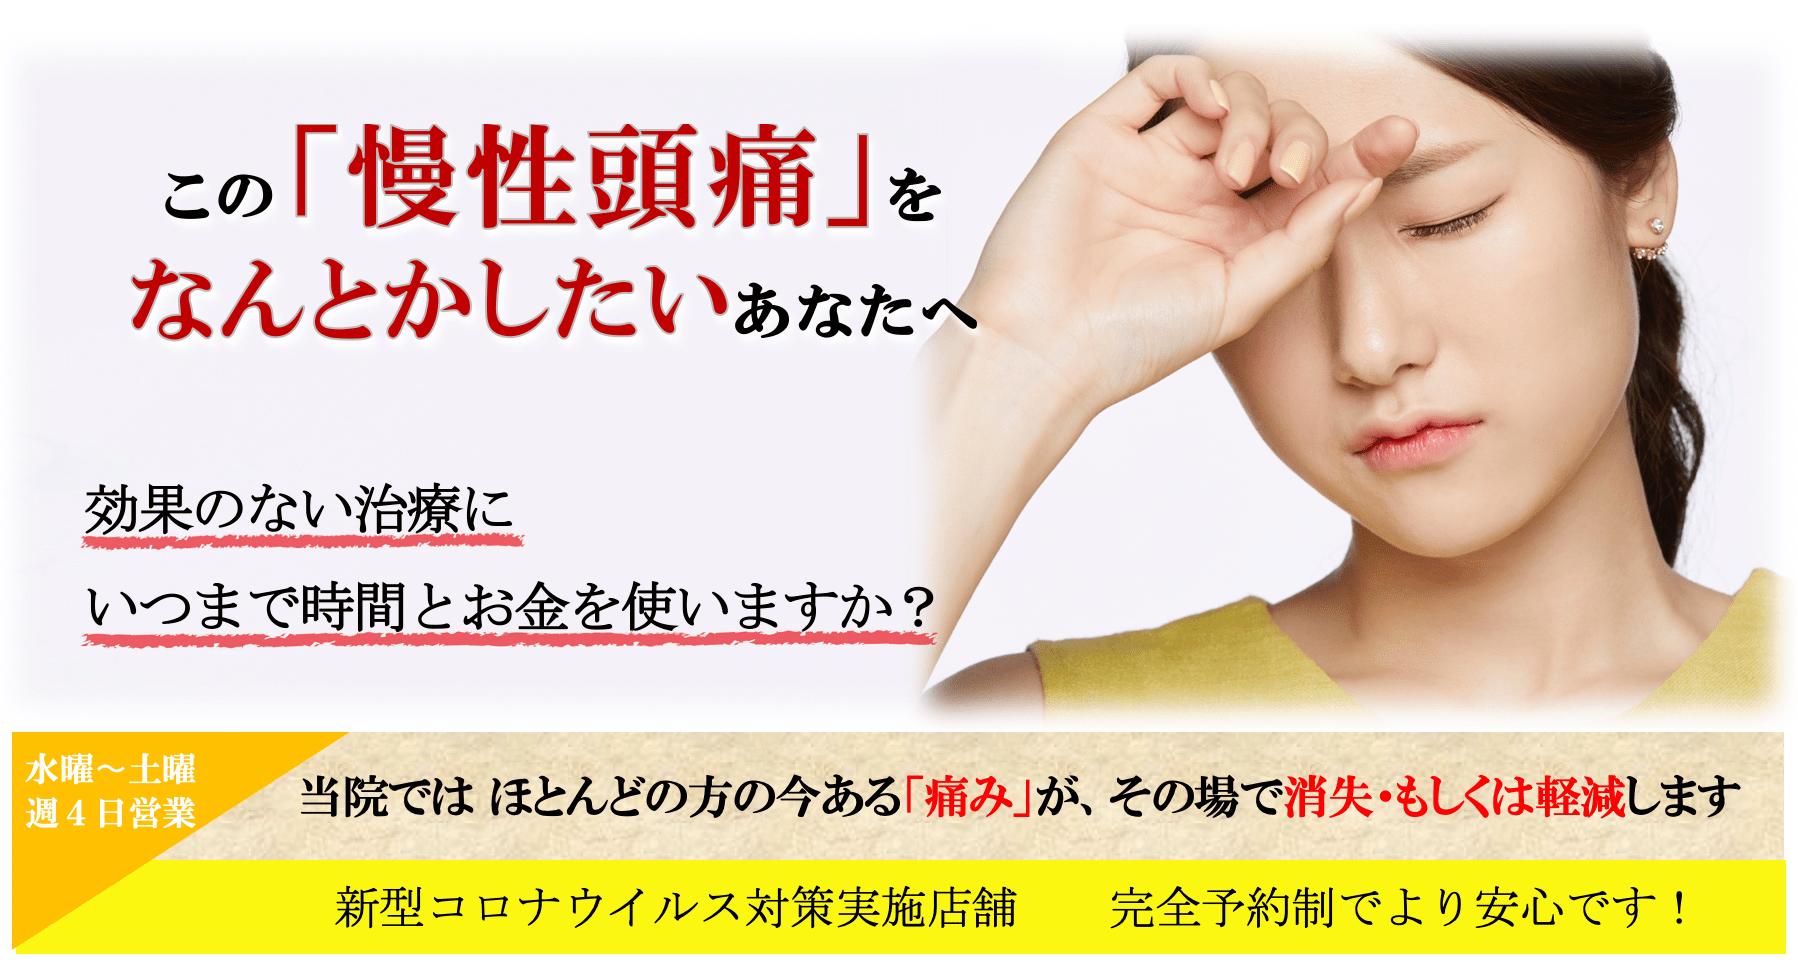 静岡県で頭痛治療・外来が可能な女性専門の頭痛整体 Heart+